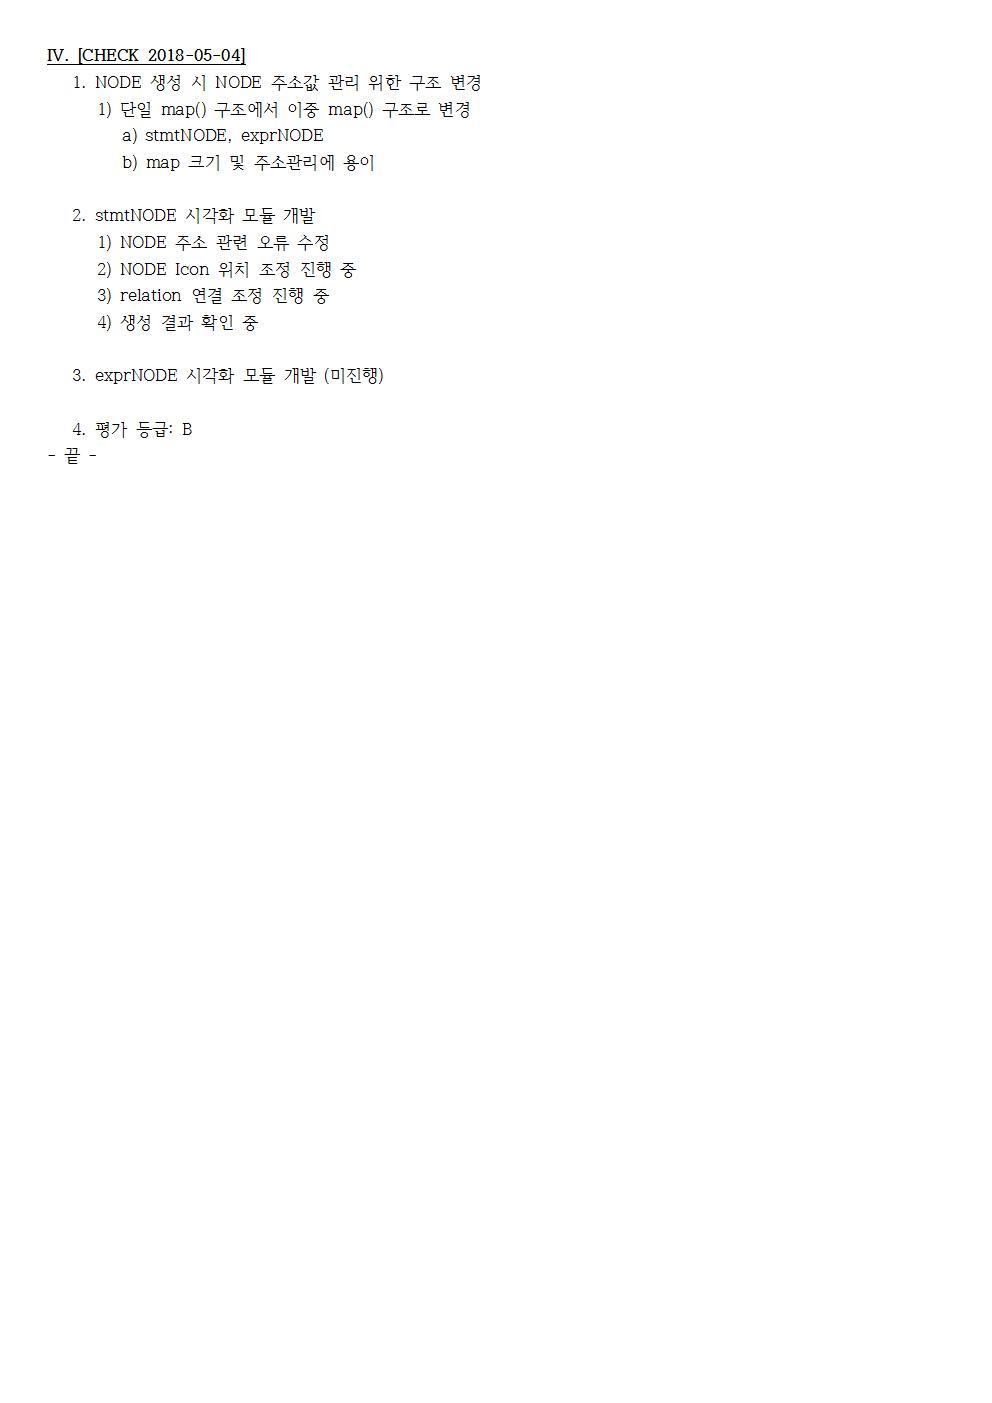 D-[18-003-RD-03]-[SRRE]-[2018-05-04][JS]003.jpg